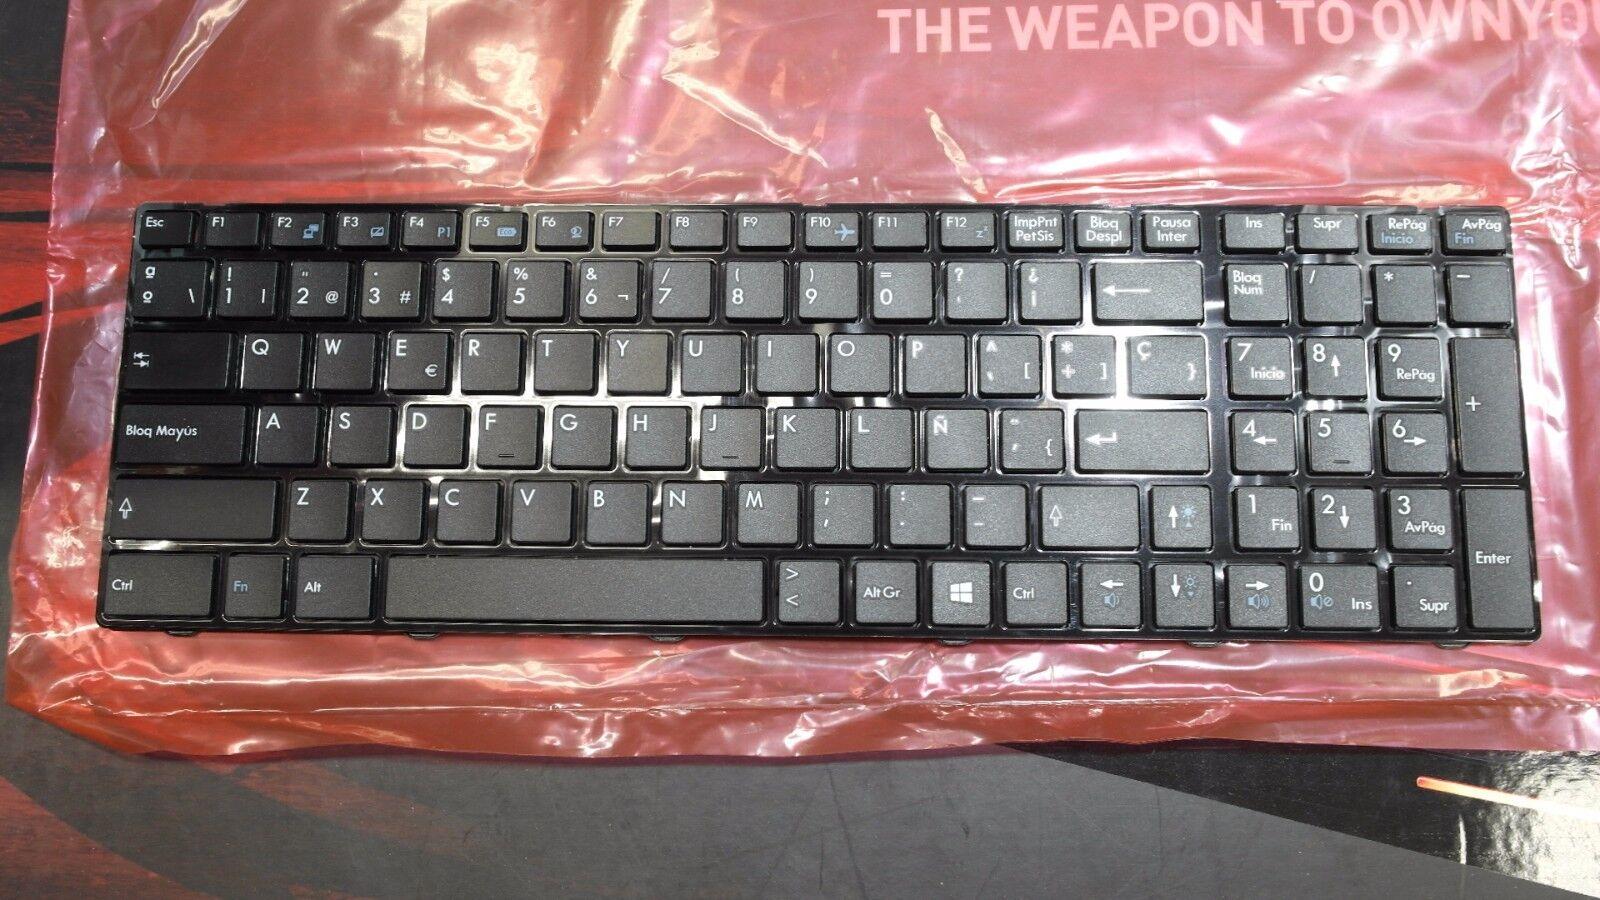 Genuine Msi Gp60 Gp70 Cx61 Steelseries Keyboard Int'l Spa...